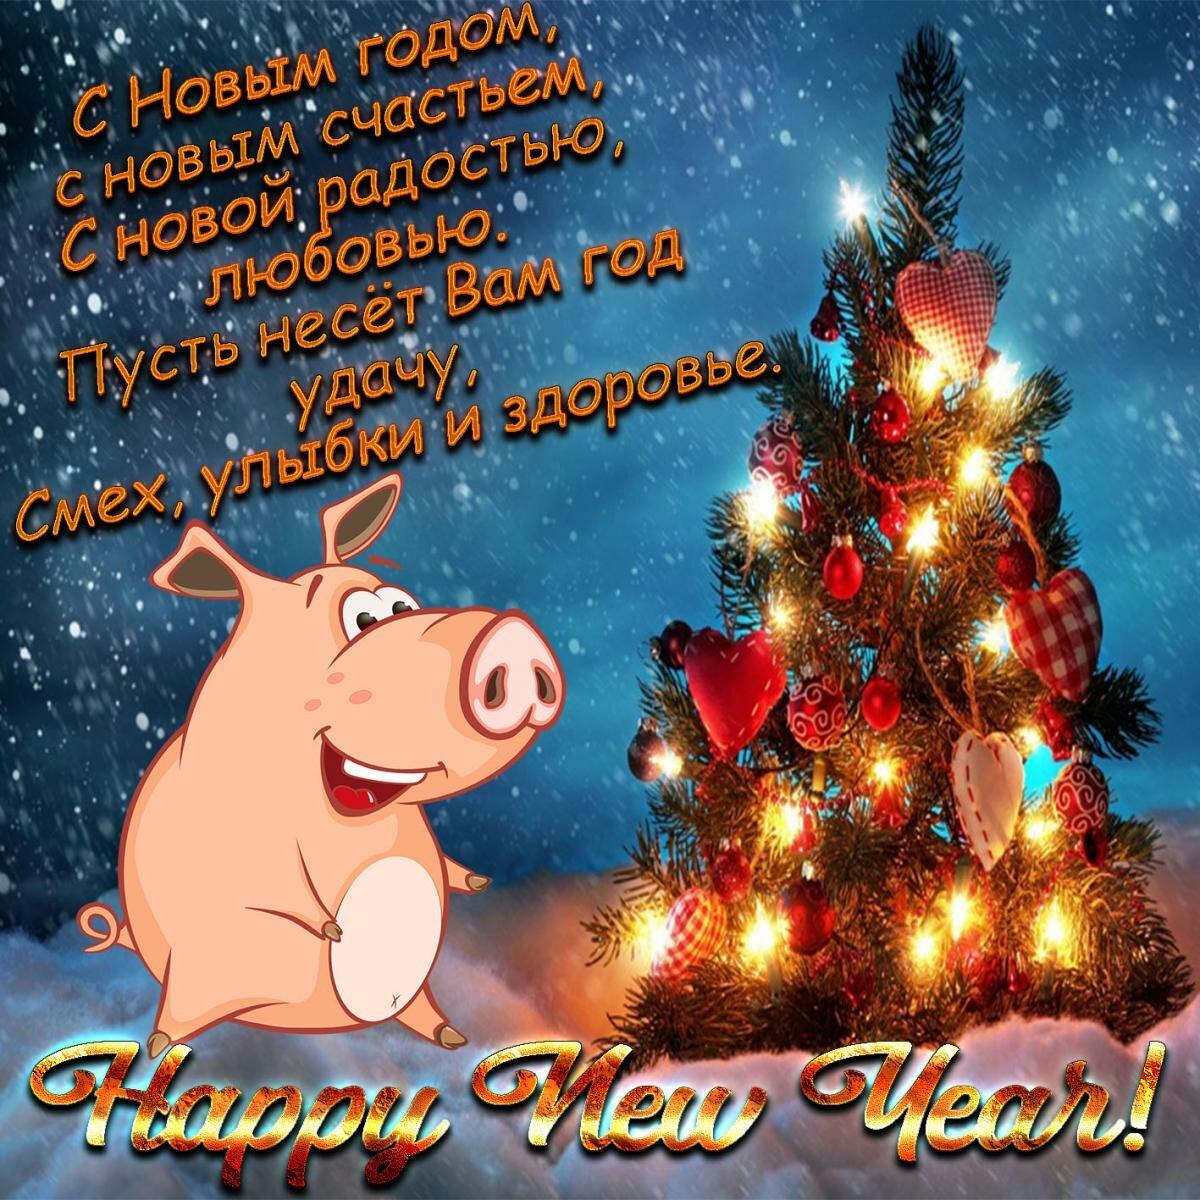 Новогодние картинки на телефон прикольные 2019 и поздравления